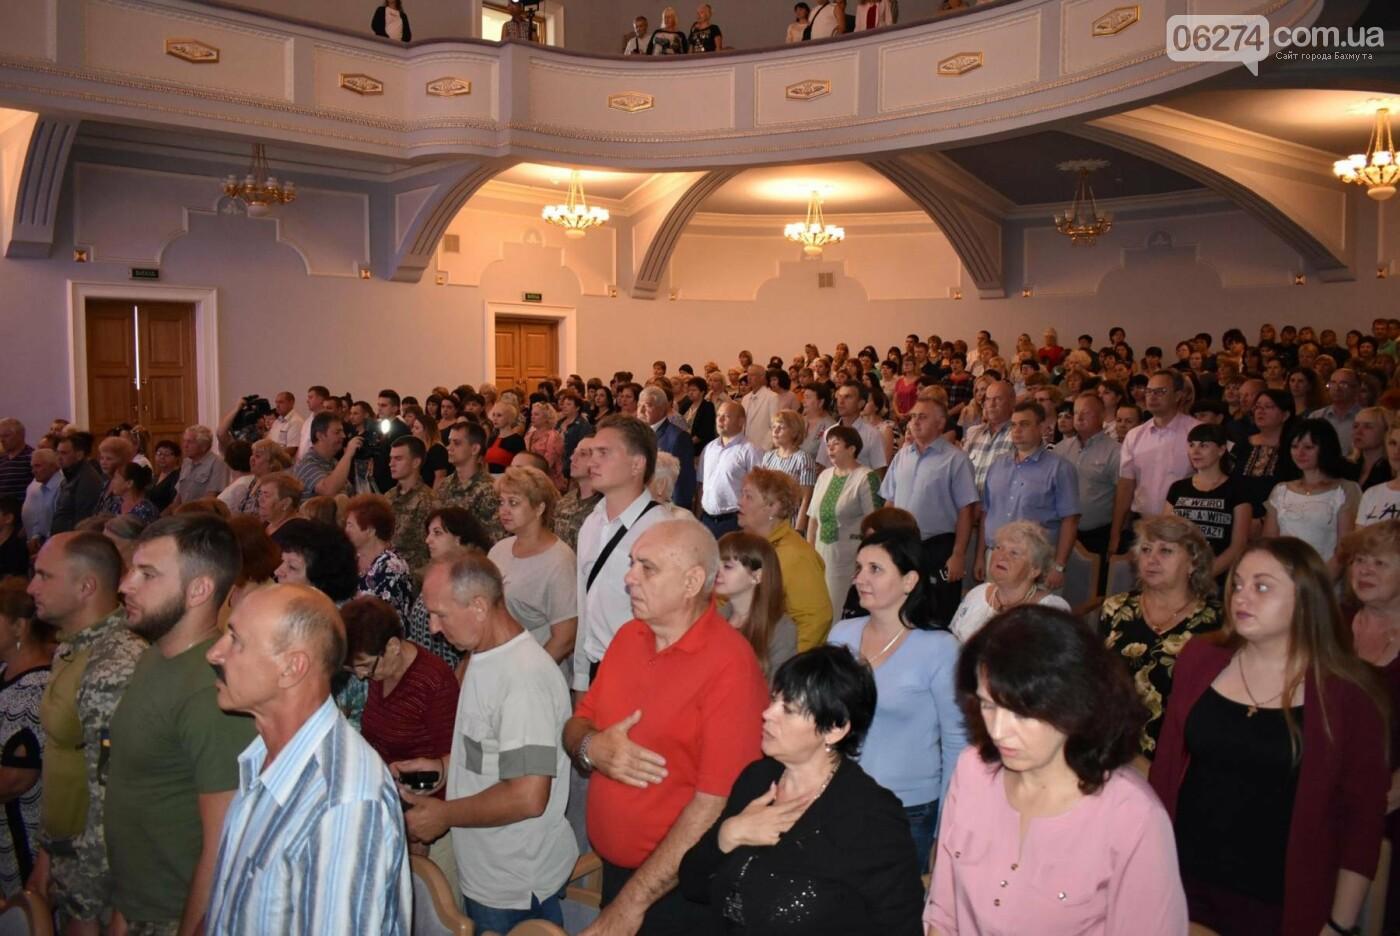 В Бахмуте прошло торжественное собрание по случаю Дня Конституции Украины, фото-1